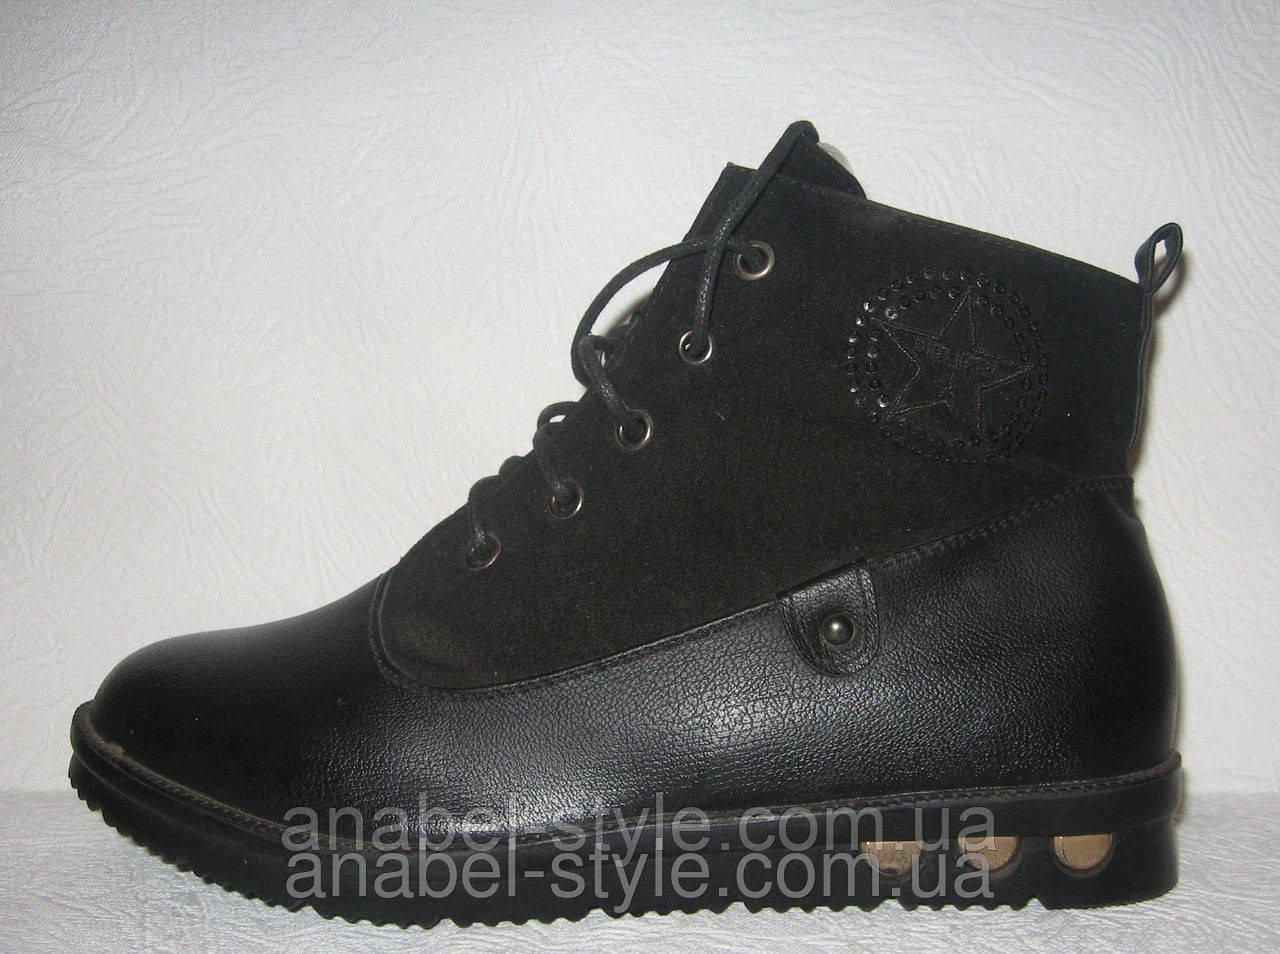 Ботинки женские чёрные со шнуровке Код 138ОБ